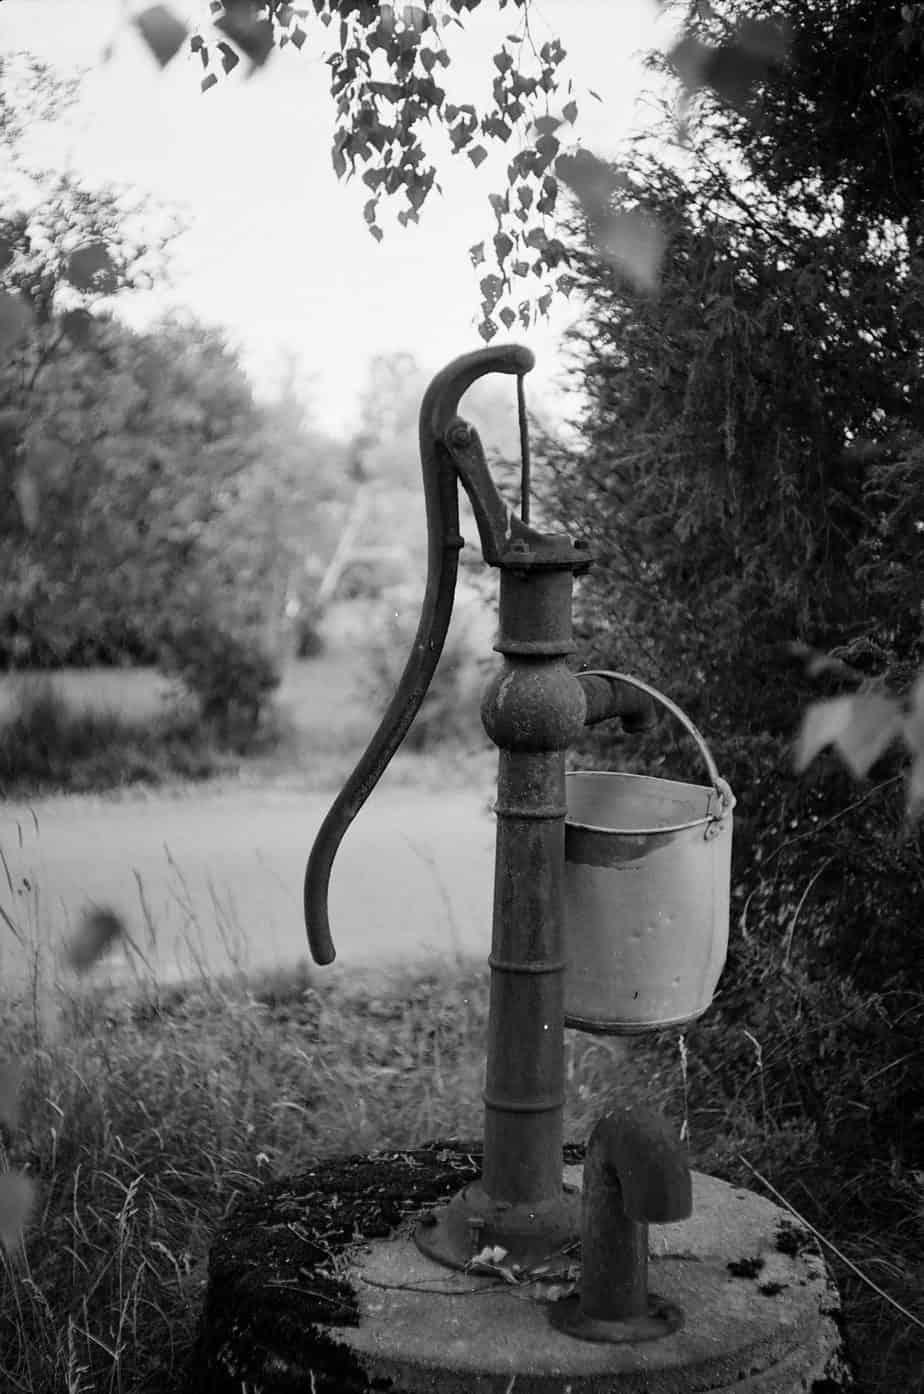 Einen Brunnen im Garten selber bauen - bspw. mit einer Schwengelpumpe